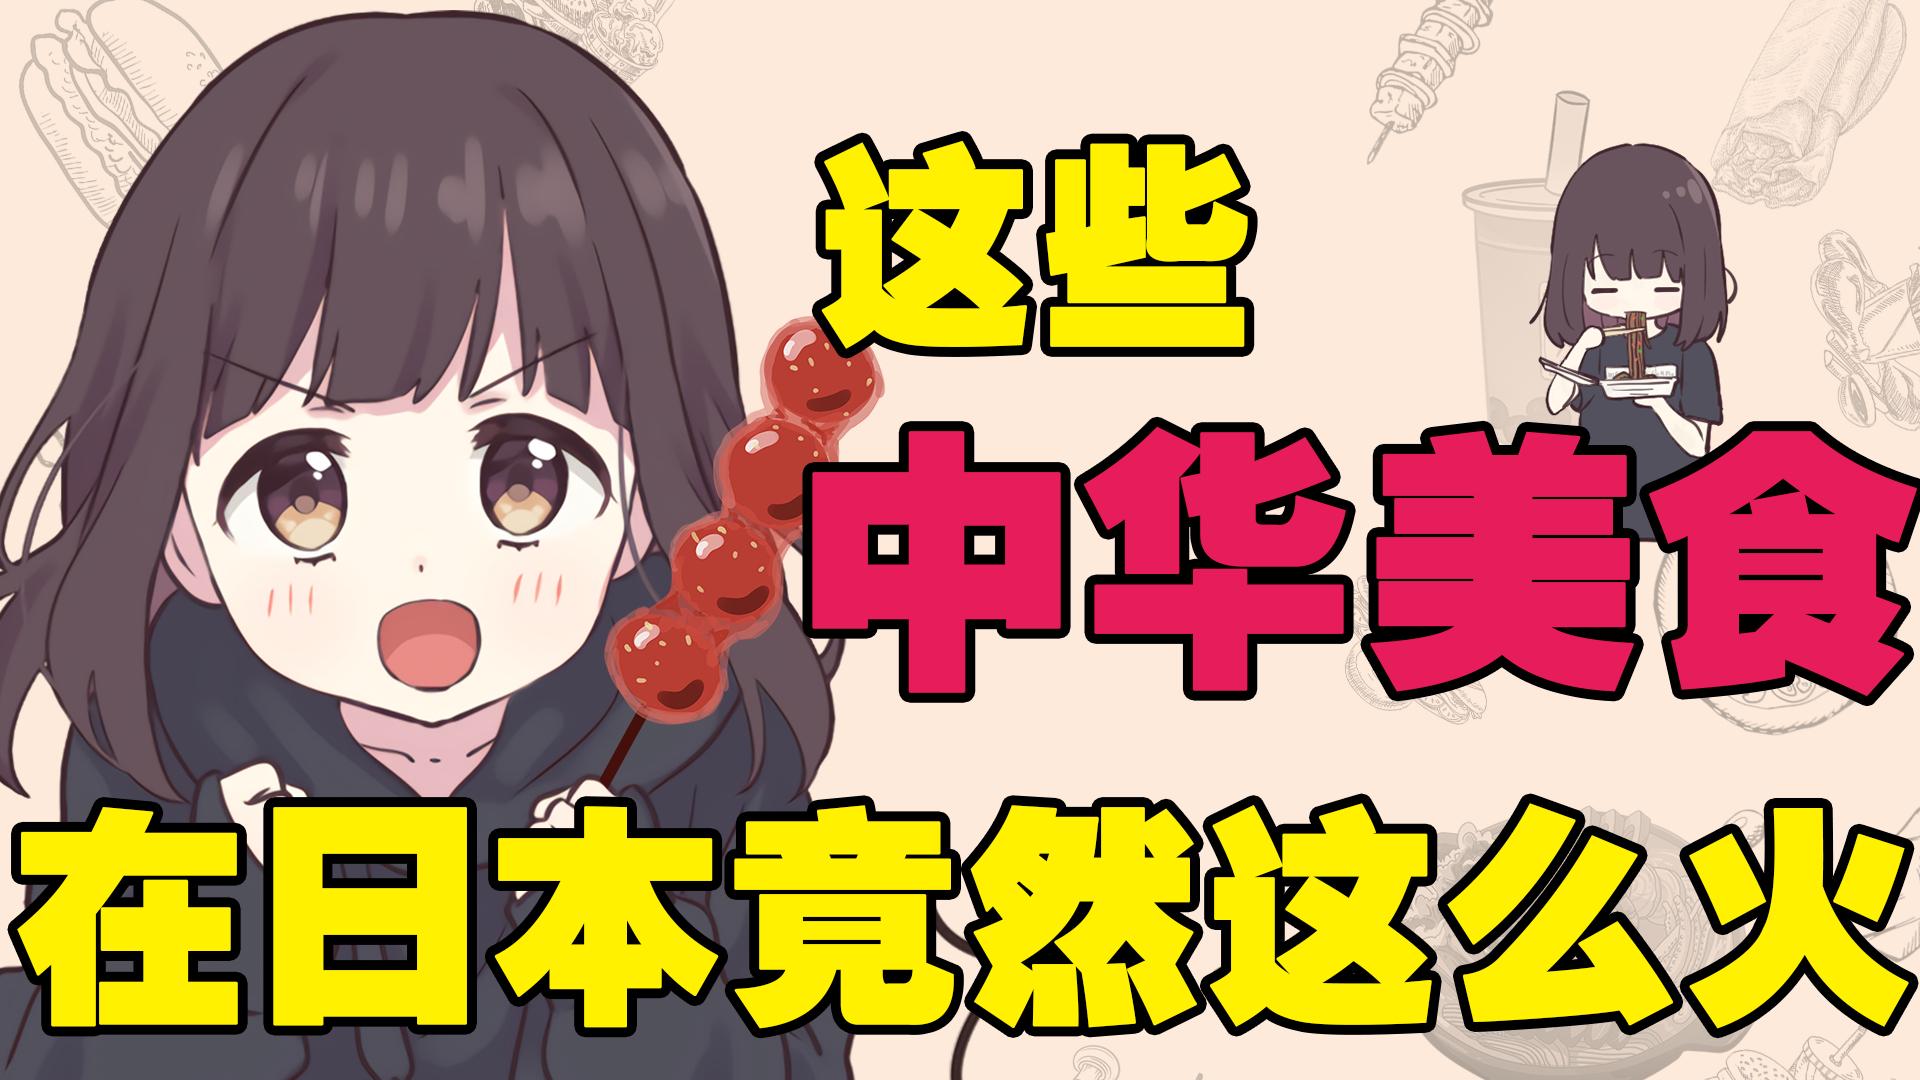 【七濑胡桃】这些中华美食在日本竟然这么火?!